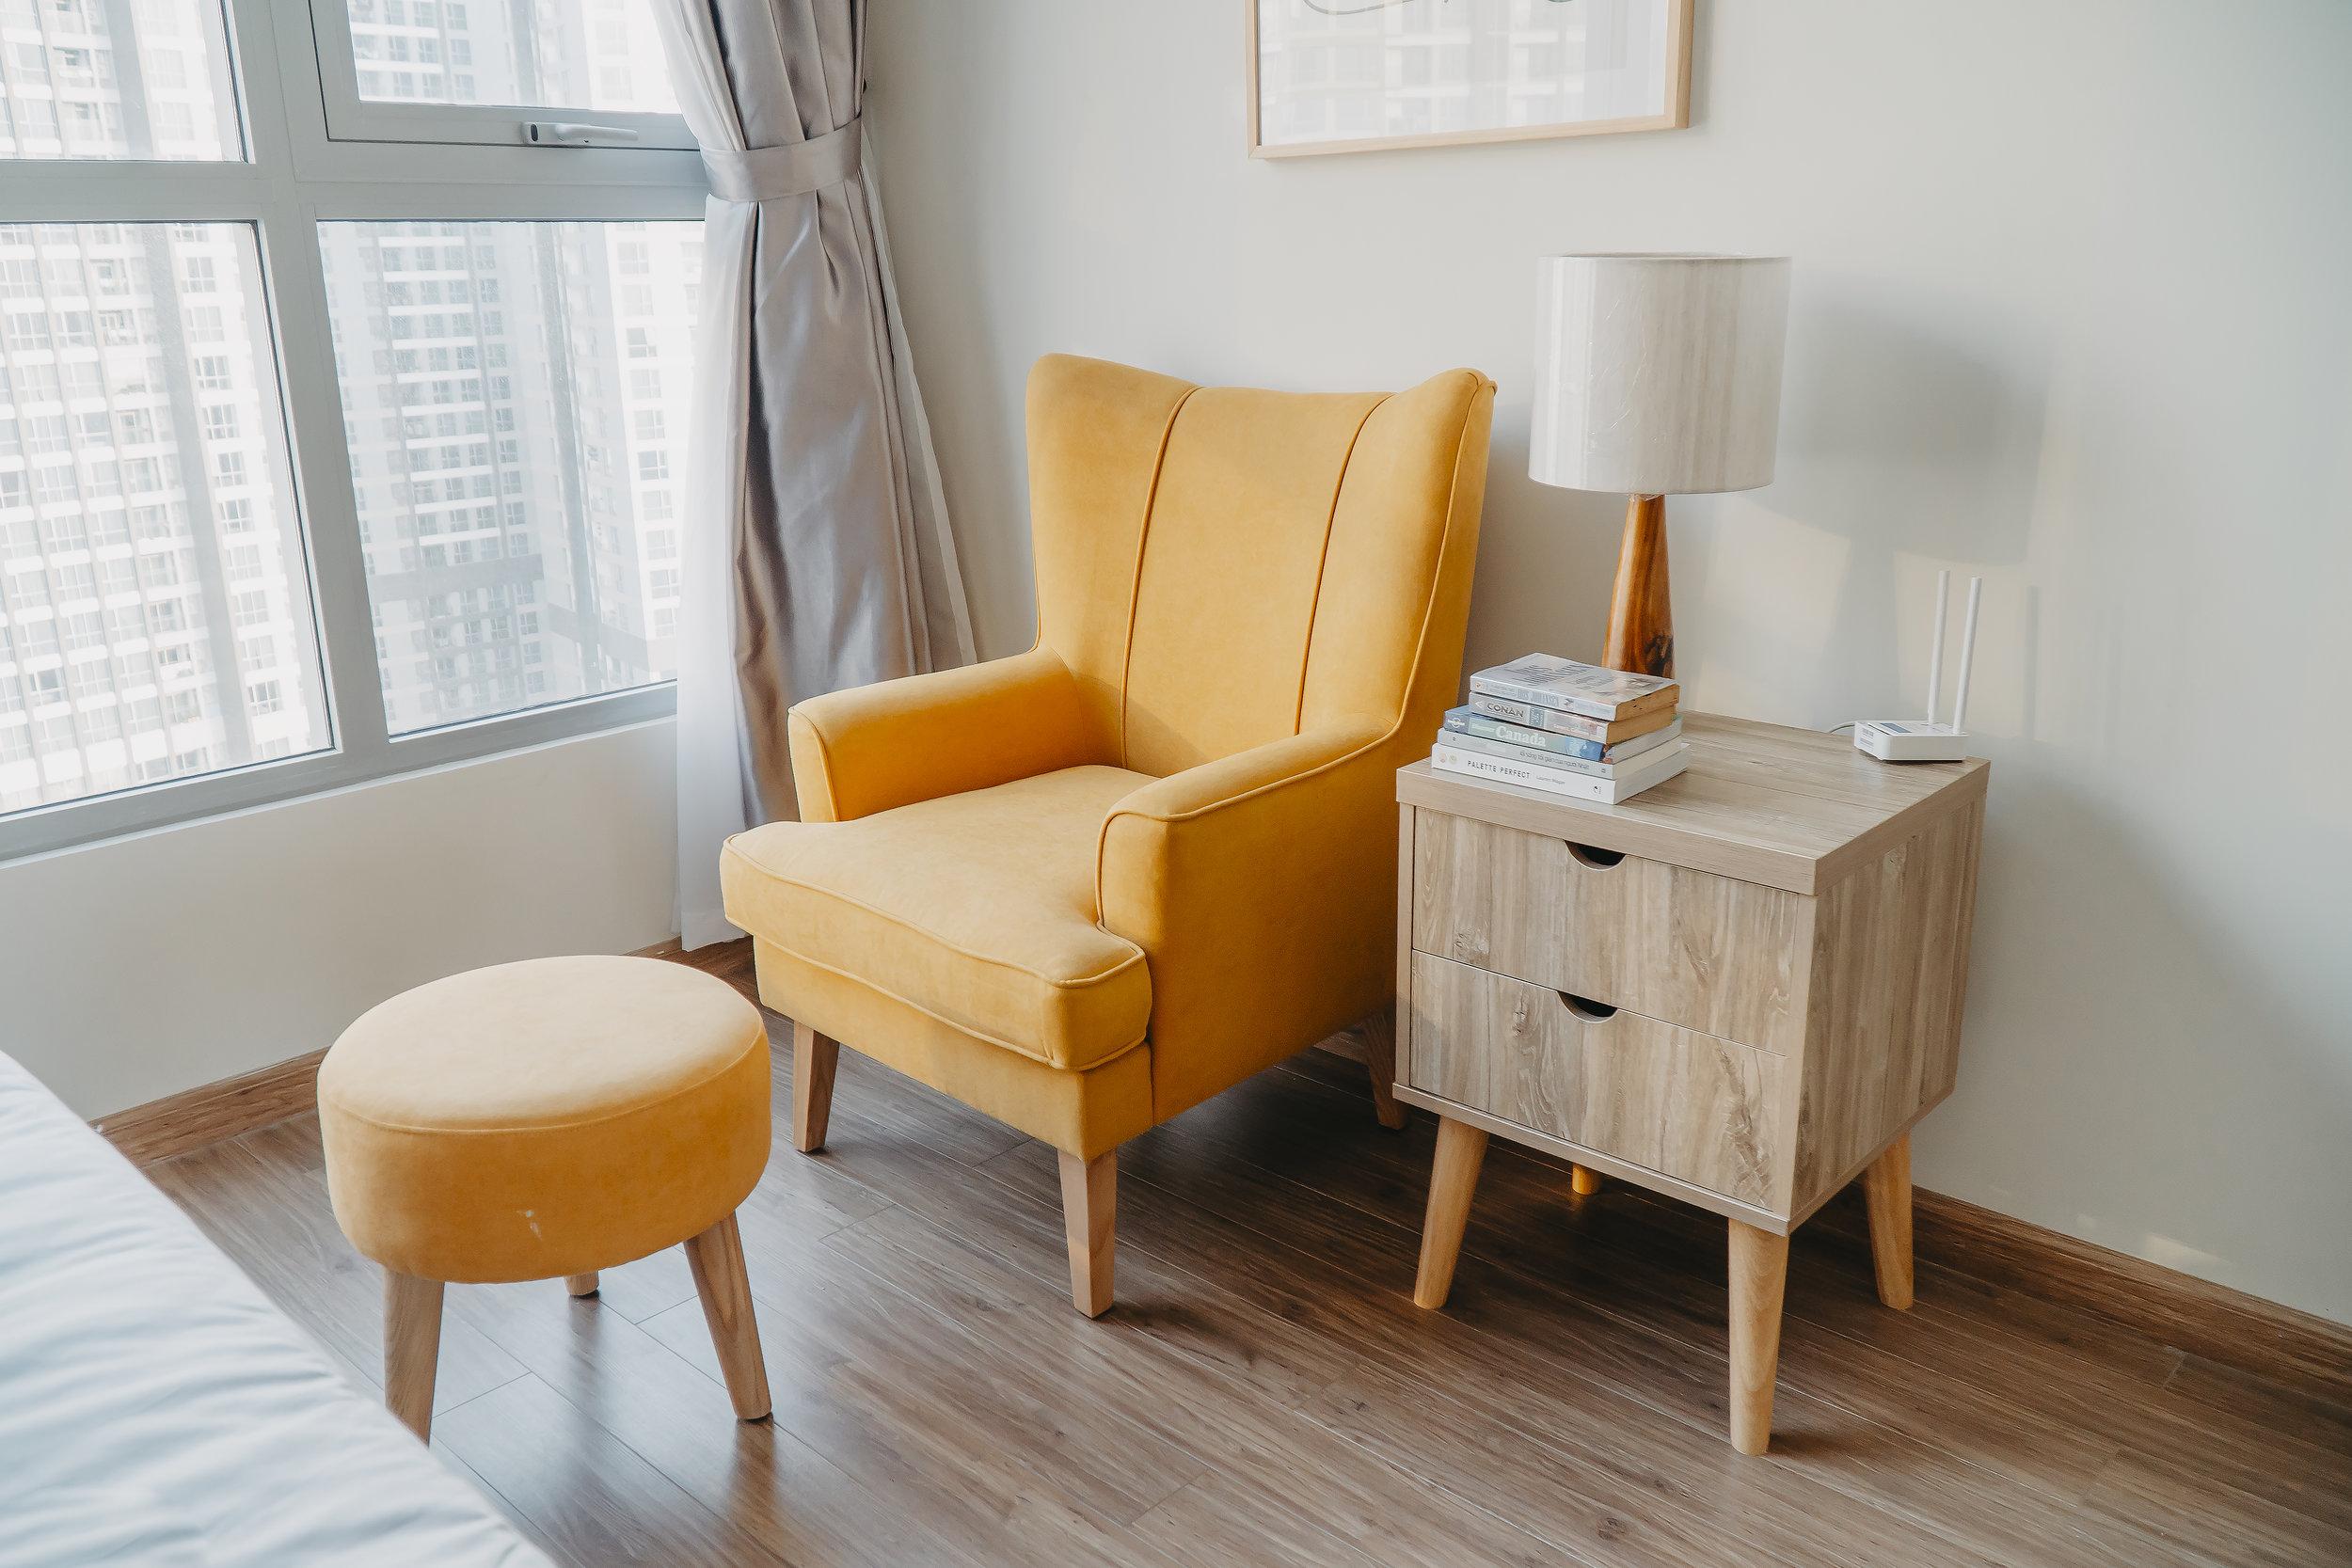 LG Designs - Bespoke Furniture